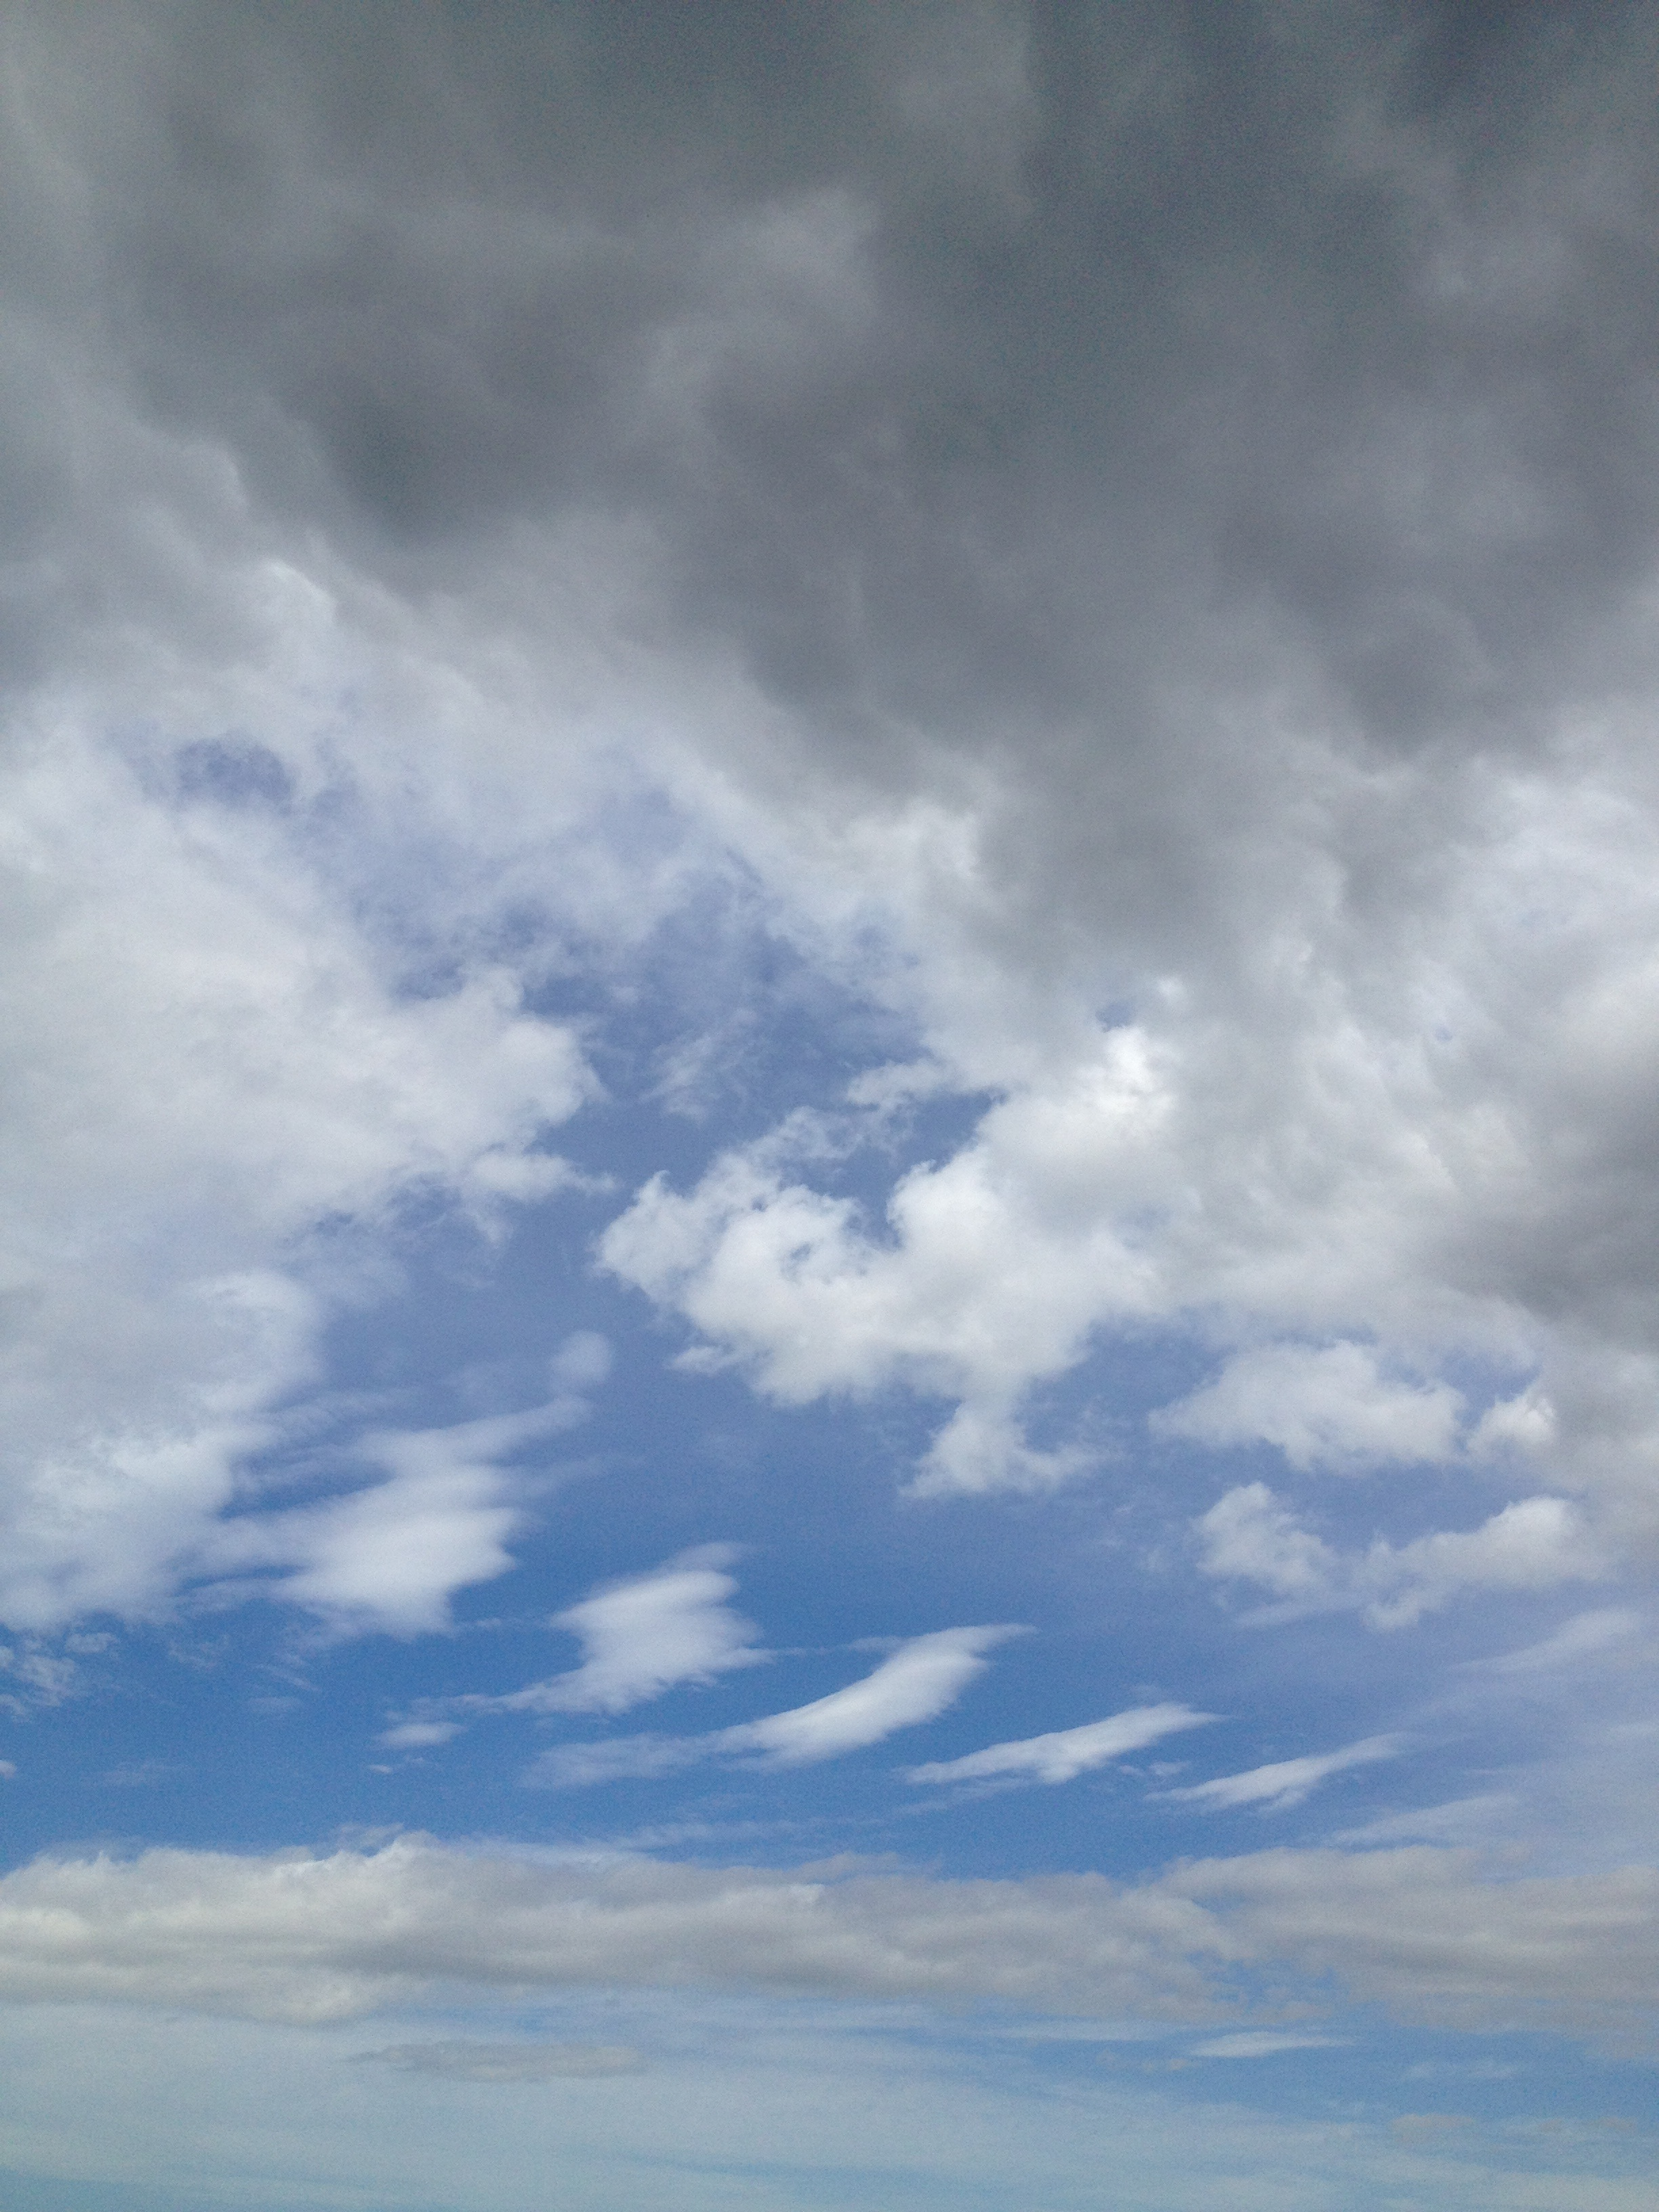 高層雲と積乱雲